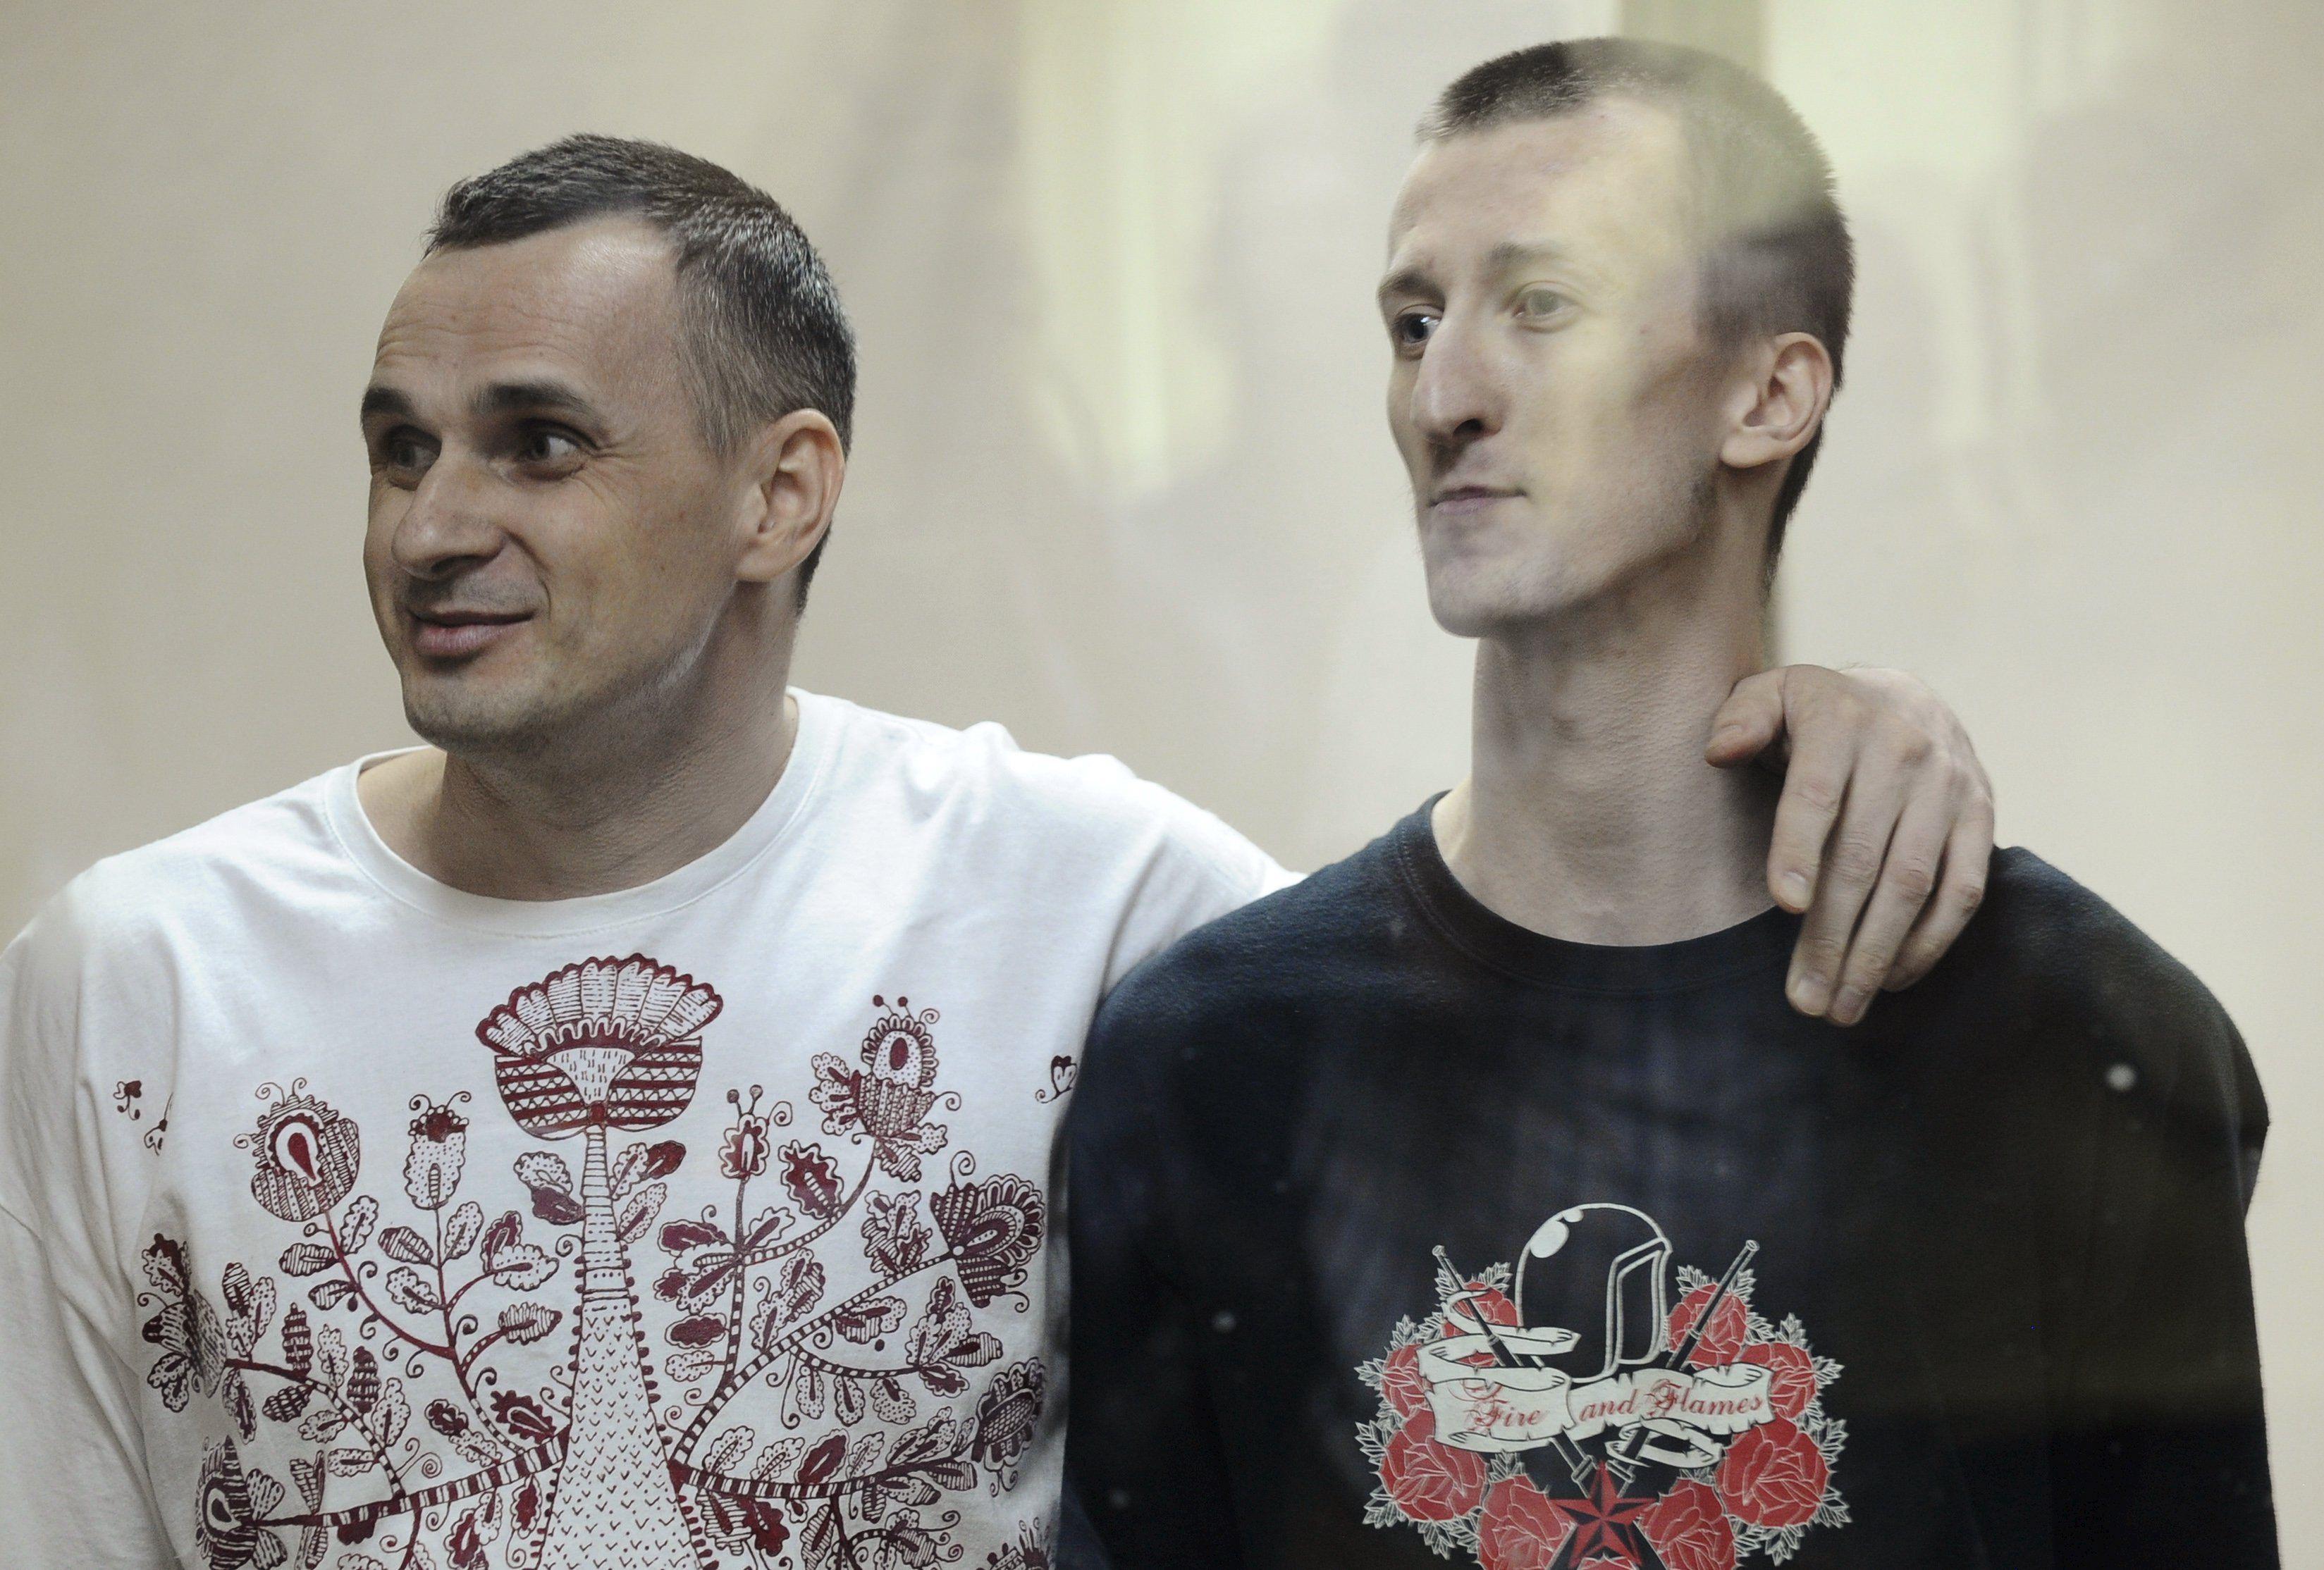 Российские политзаключенные - Олег Сенцов и Александр Кольченко